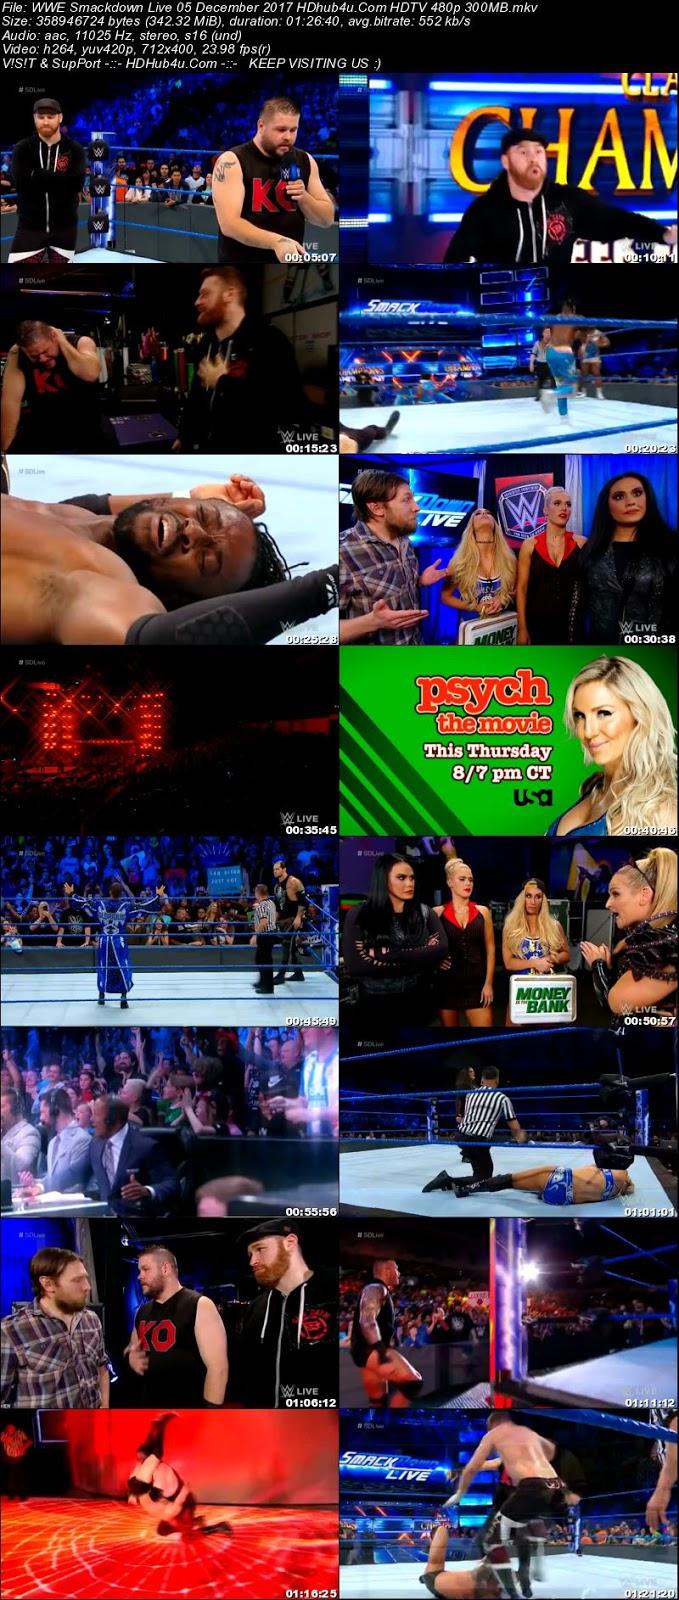 WWE Smackdown Live 05 December 2017 480p HDTV 300MB Download